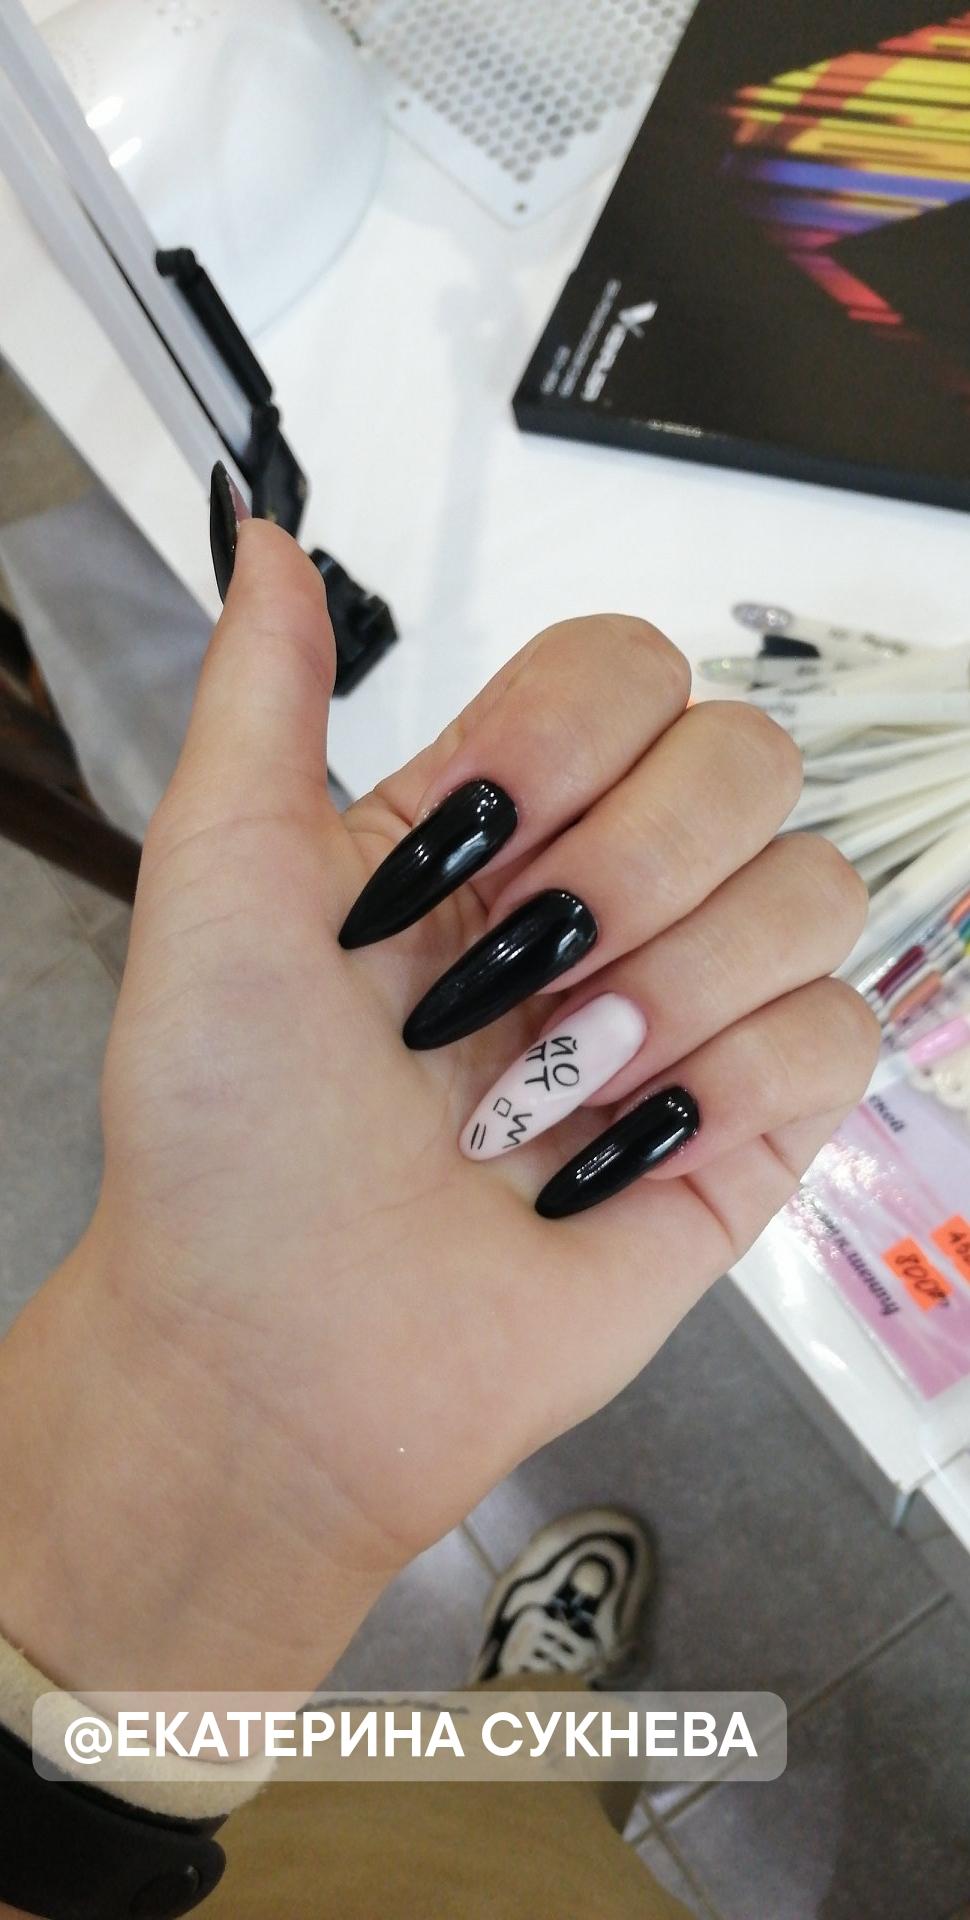 Маникюр с надписями в черном цвете на длинные ногти.